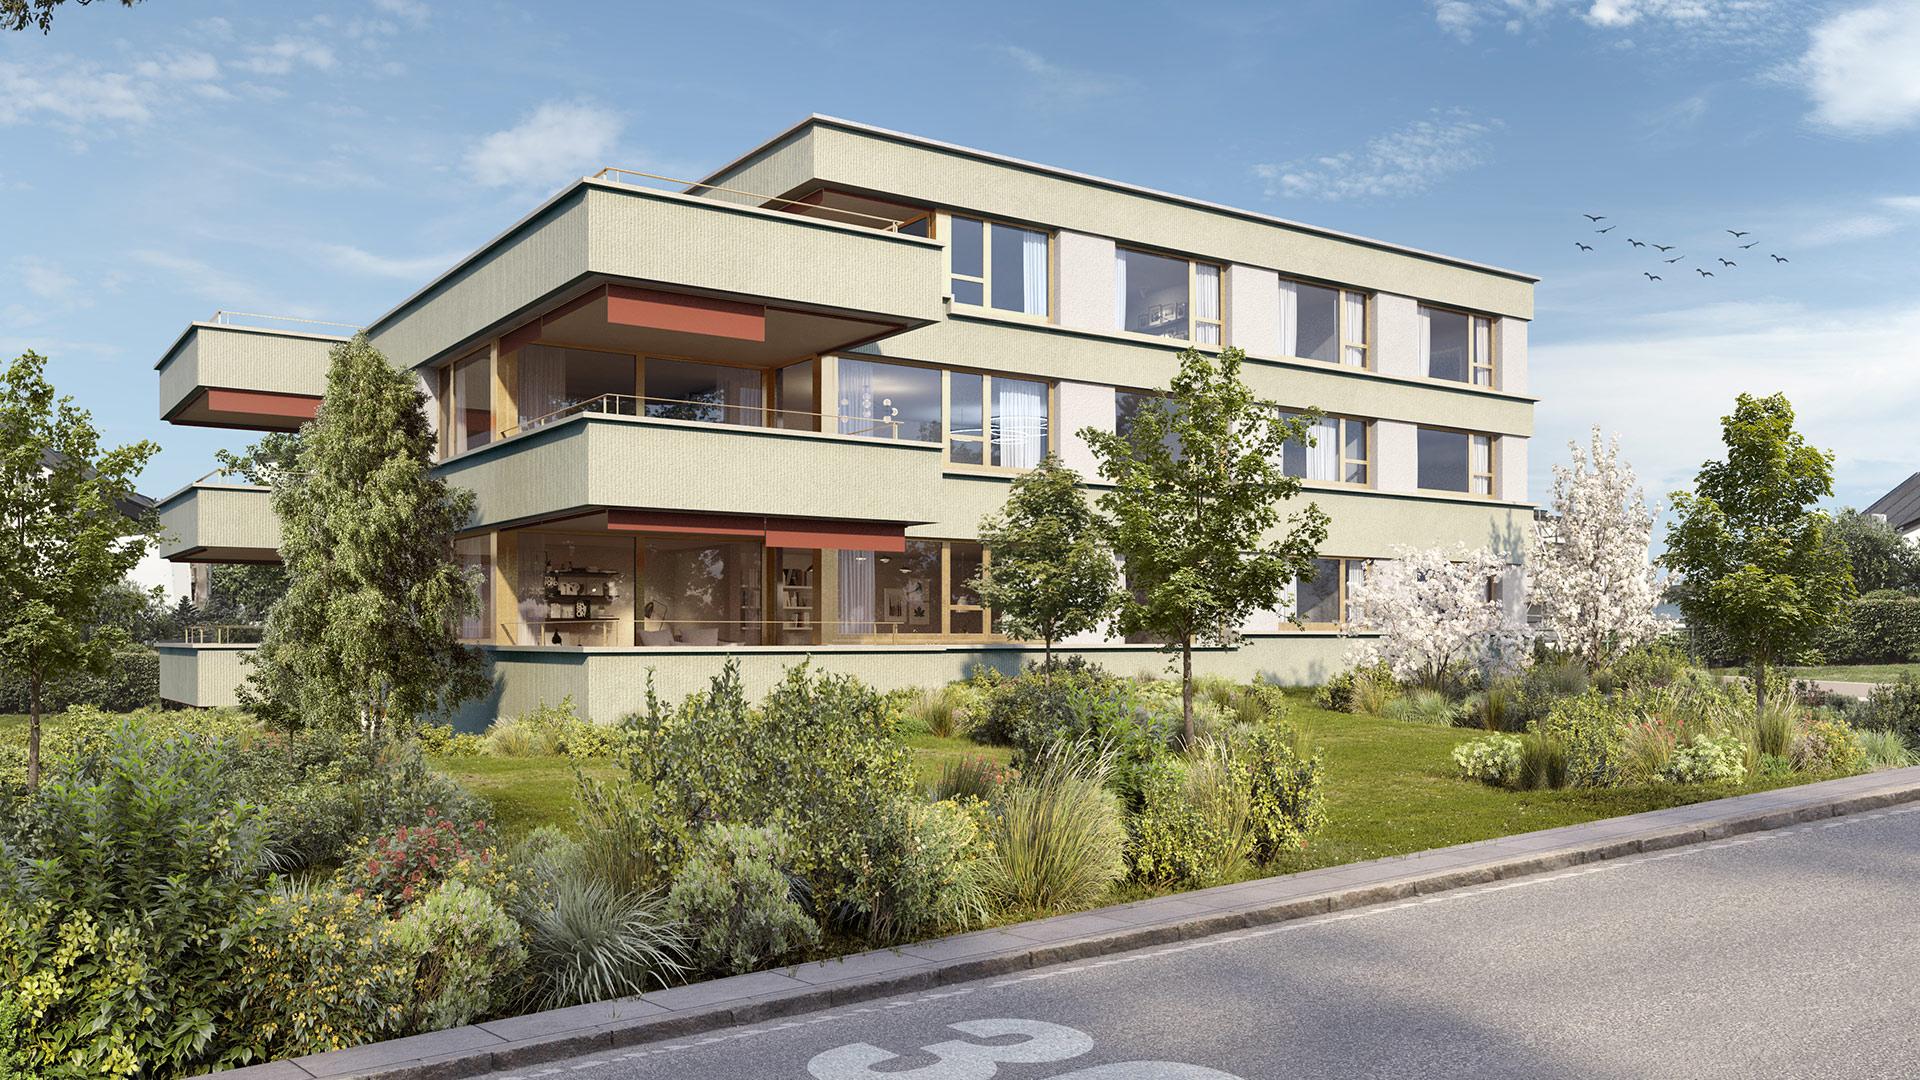 Wohnen im Park Berikon - Wohnung A12